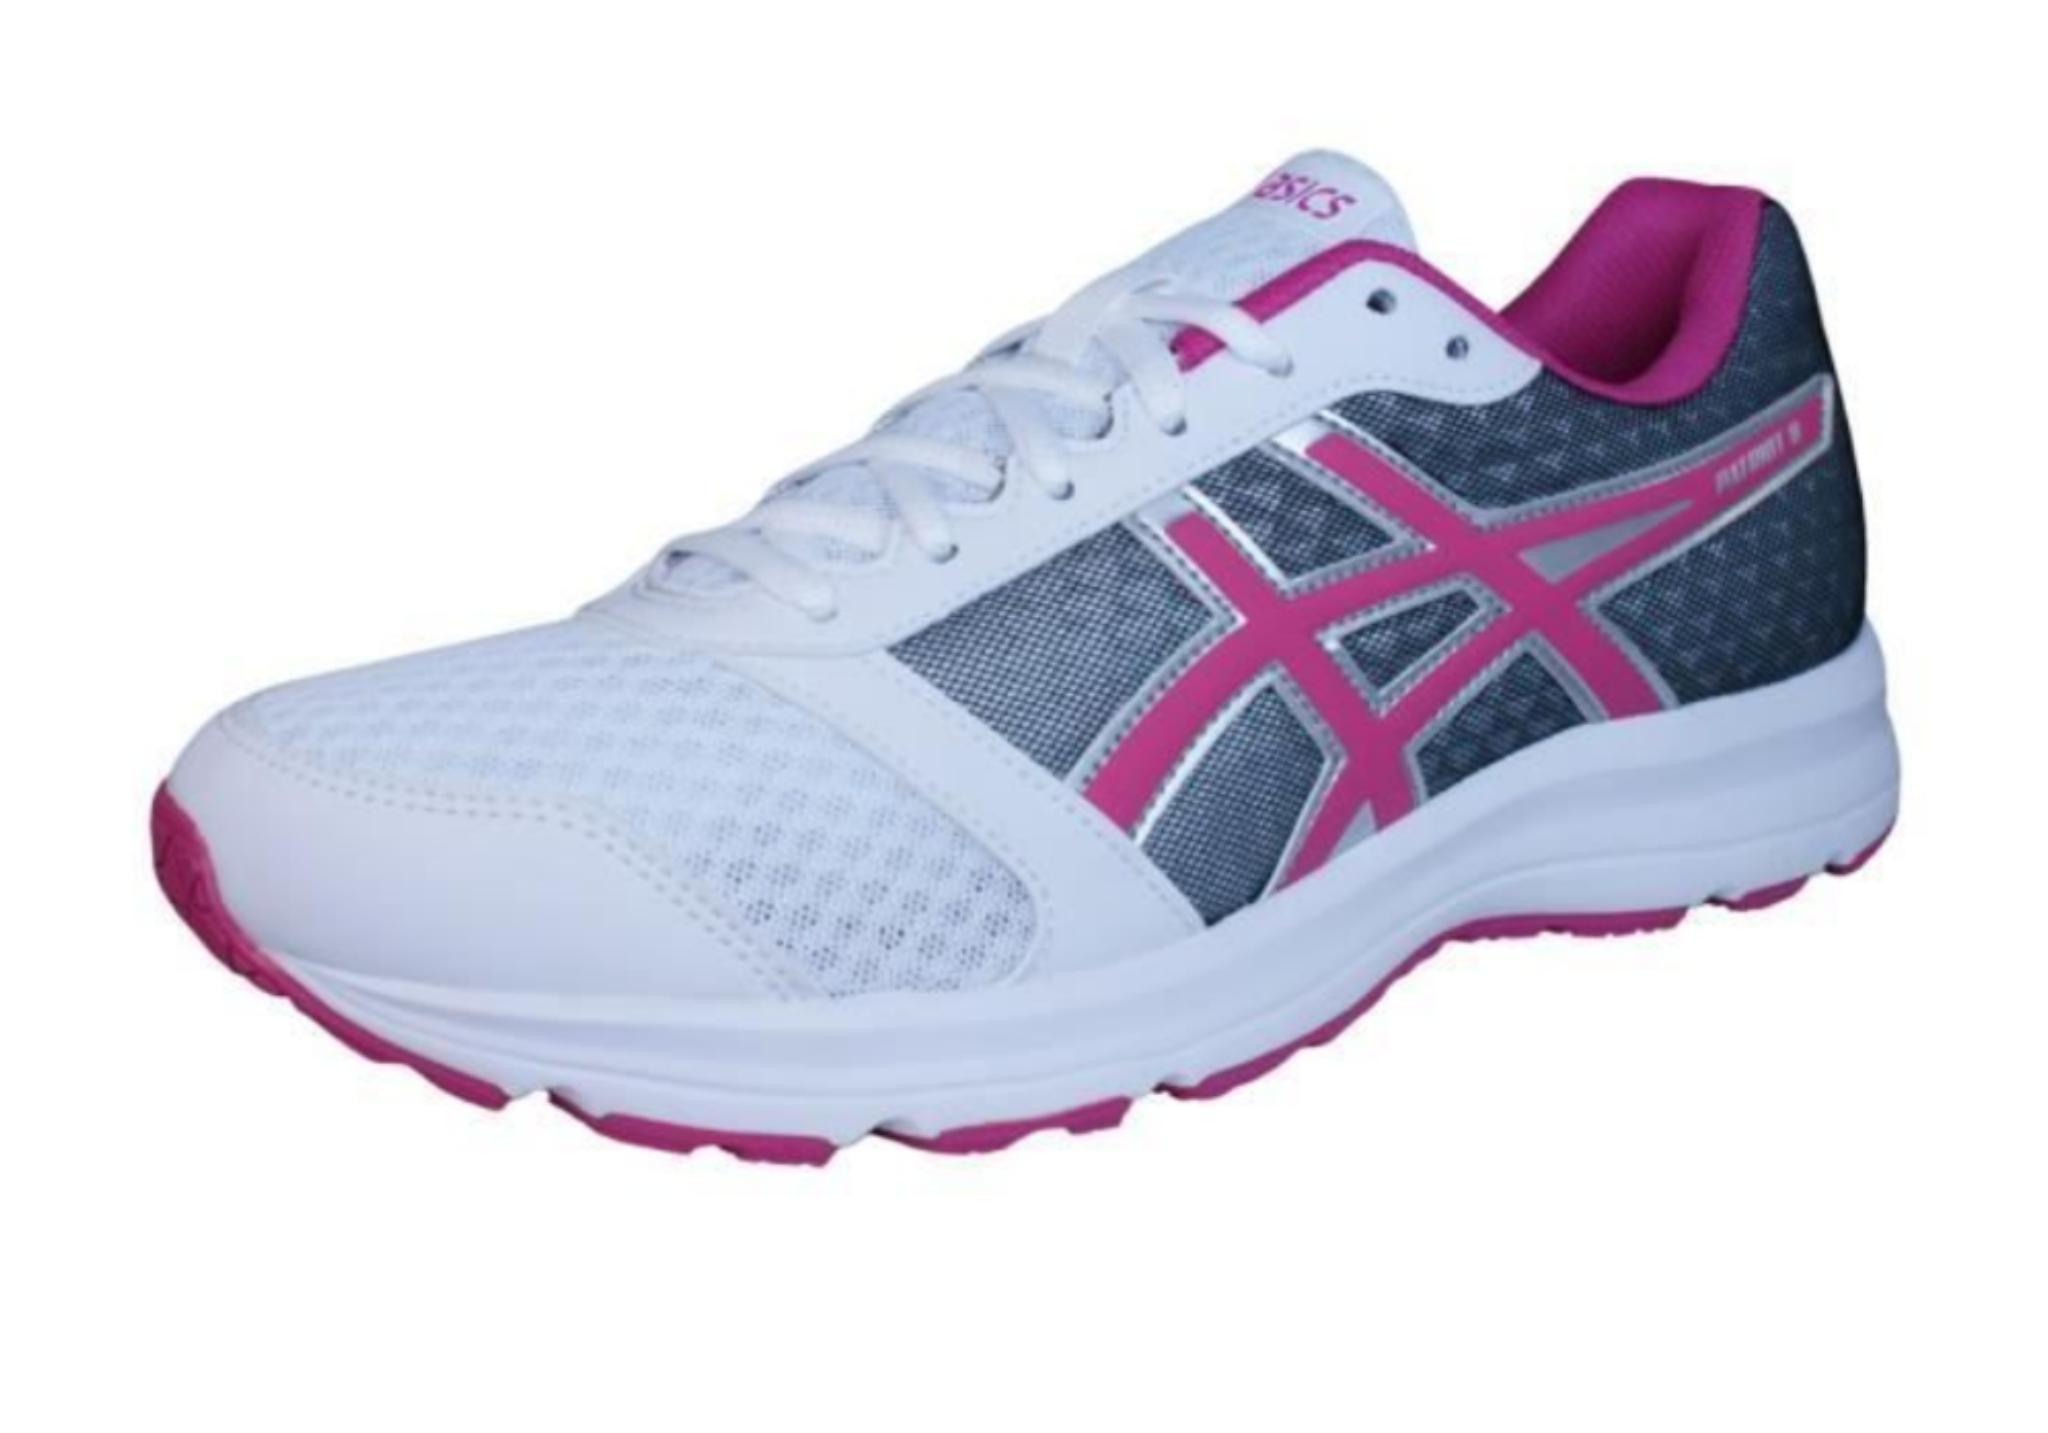 chaussures de marche asics femme